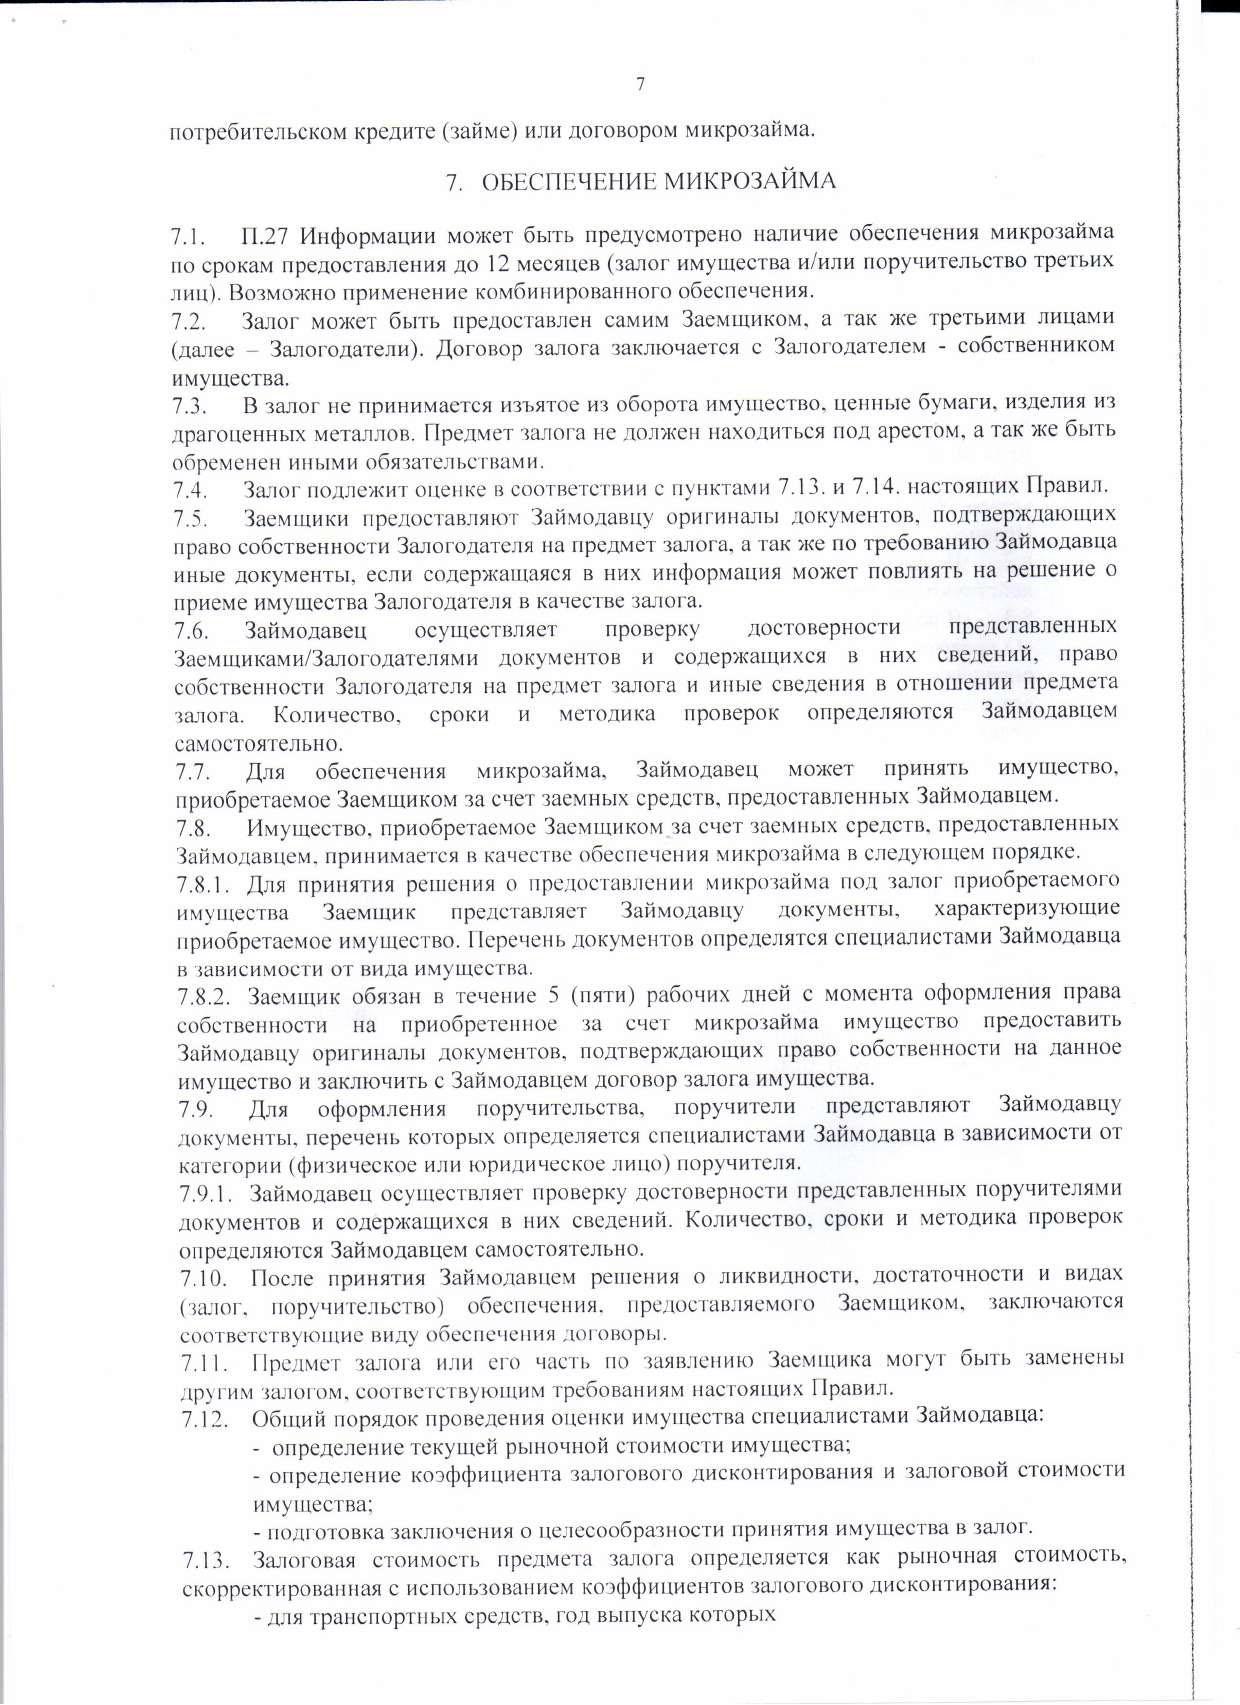 Правила предоставления микрозаймов стр7